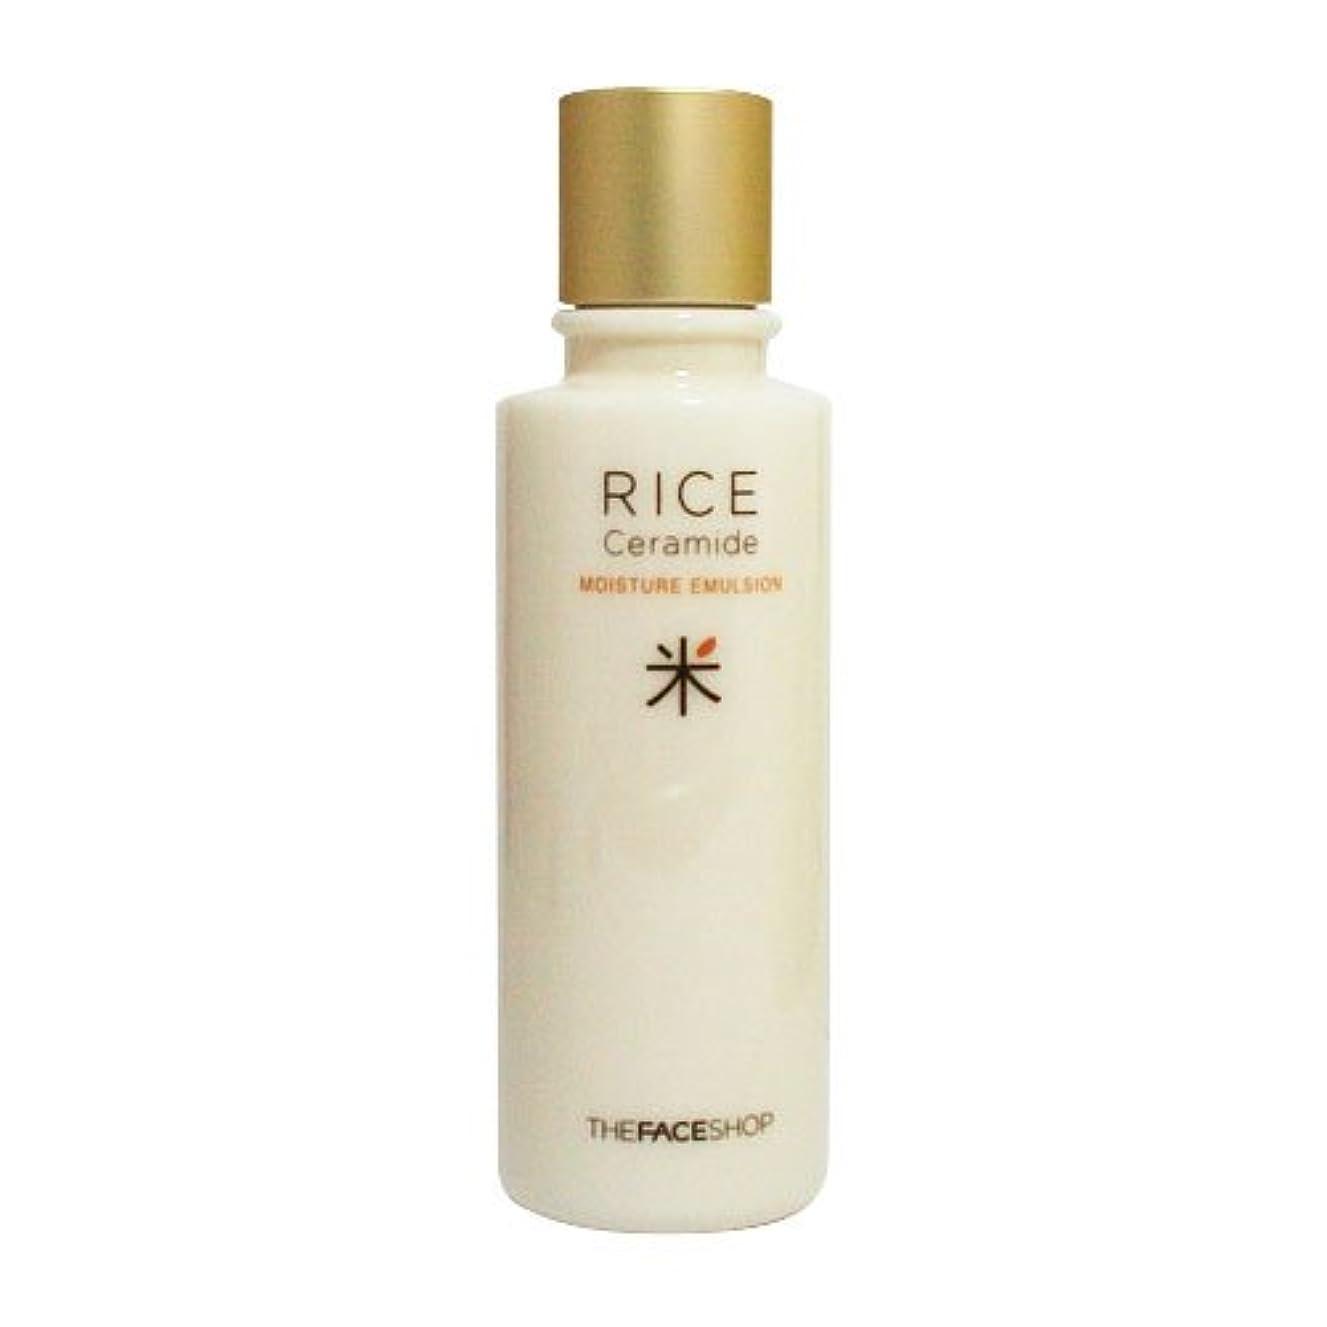 アンデス山脈正当なシャー[ザ?フェイスショップ] The Face Shop ライス&セラミド モイスチャーエマルジョン Rice & Ceramide Moisture Emulsion [並行輸入品]